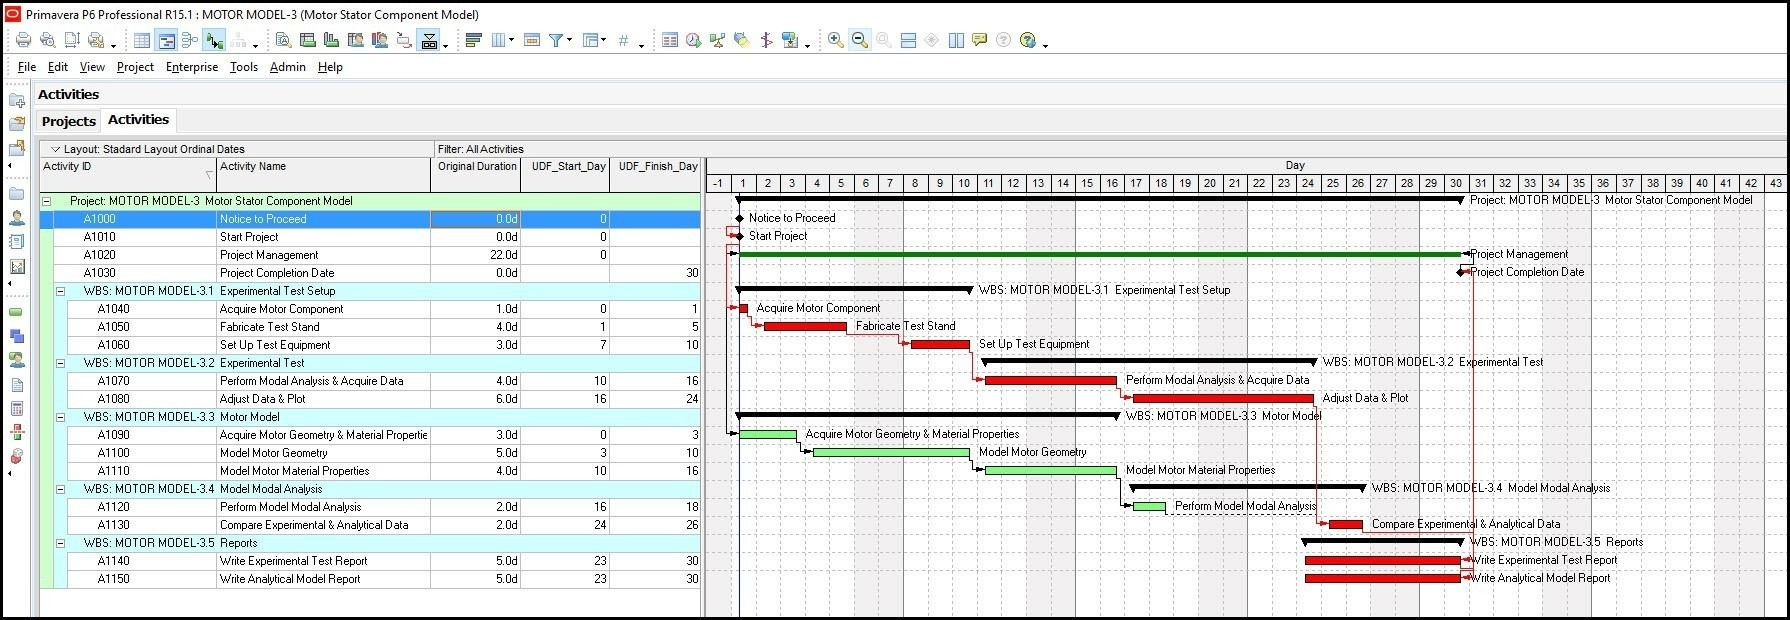 Gantt Chart Template Powerpoint Stock Gantt Chart Ppt Template Free And Gantt Chart Template Powerpoint Free Download